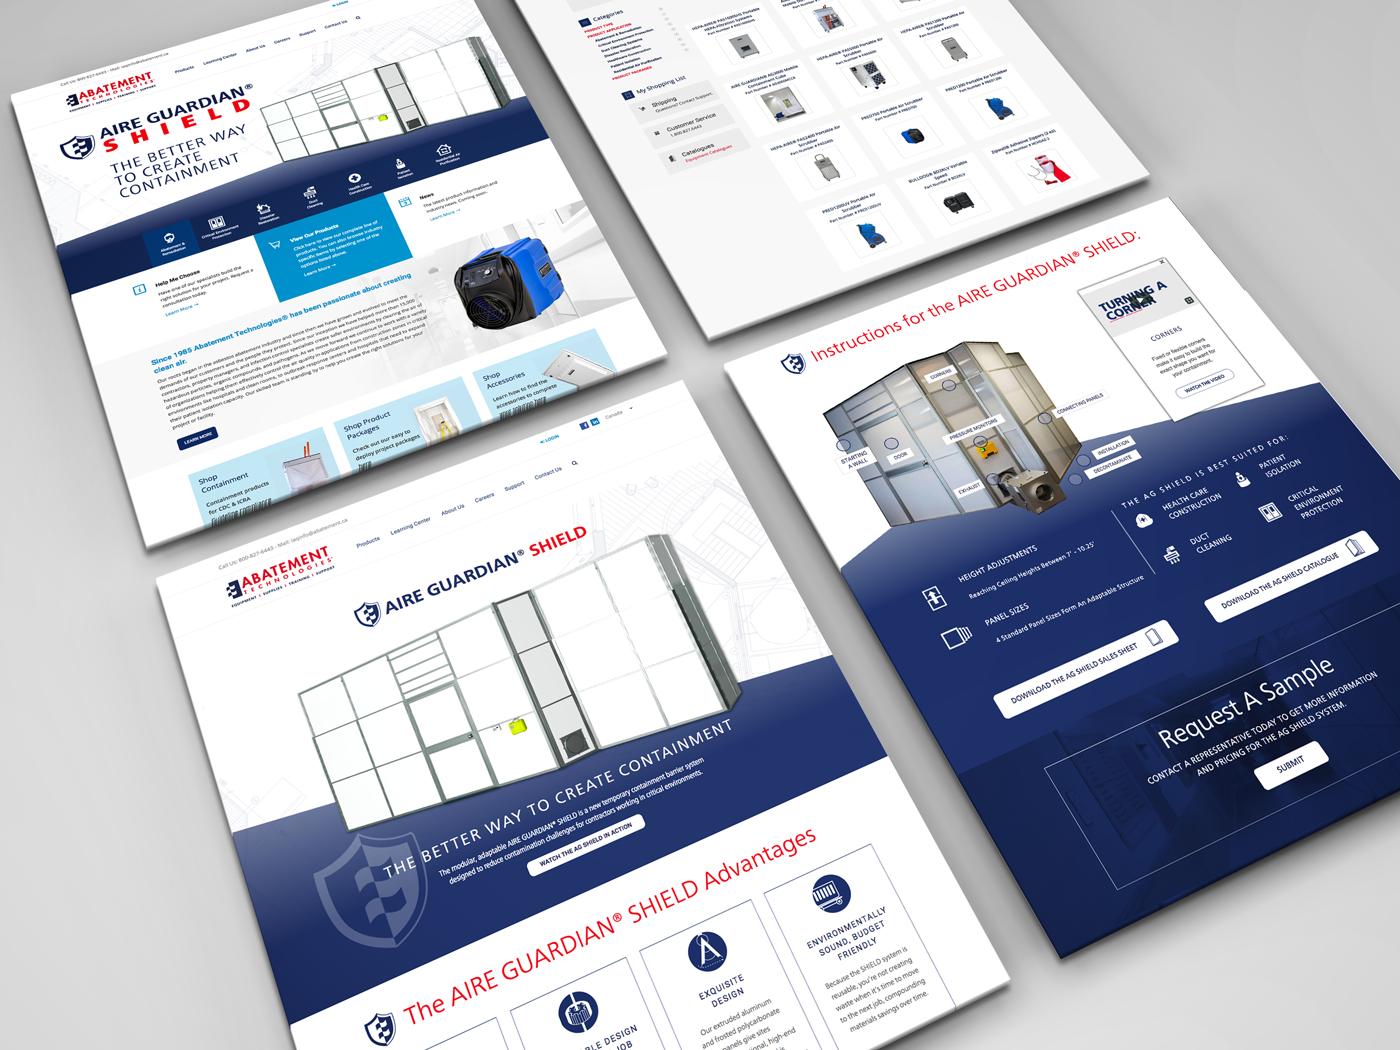 Abatement-website